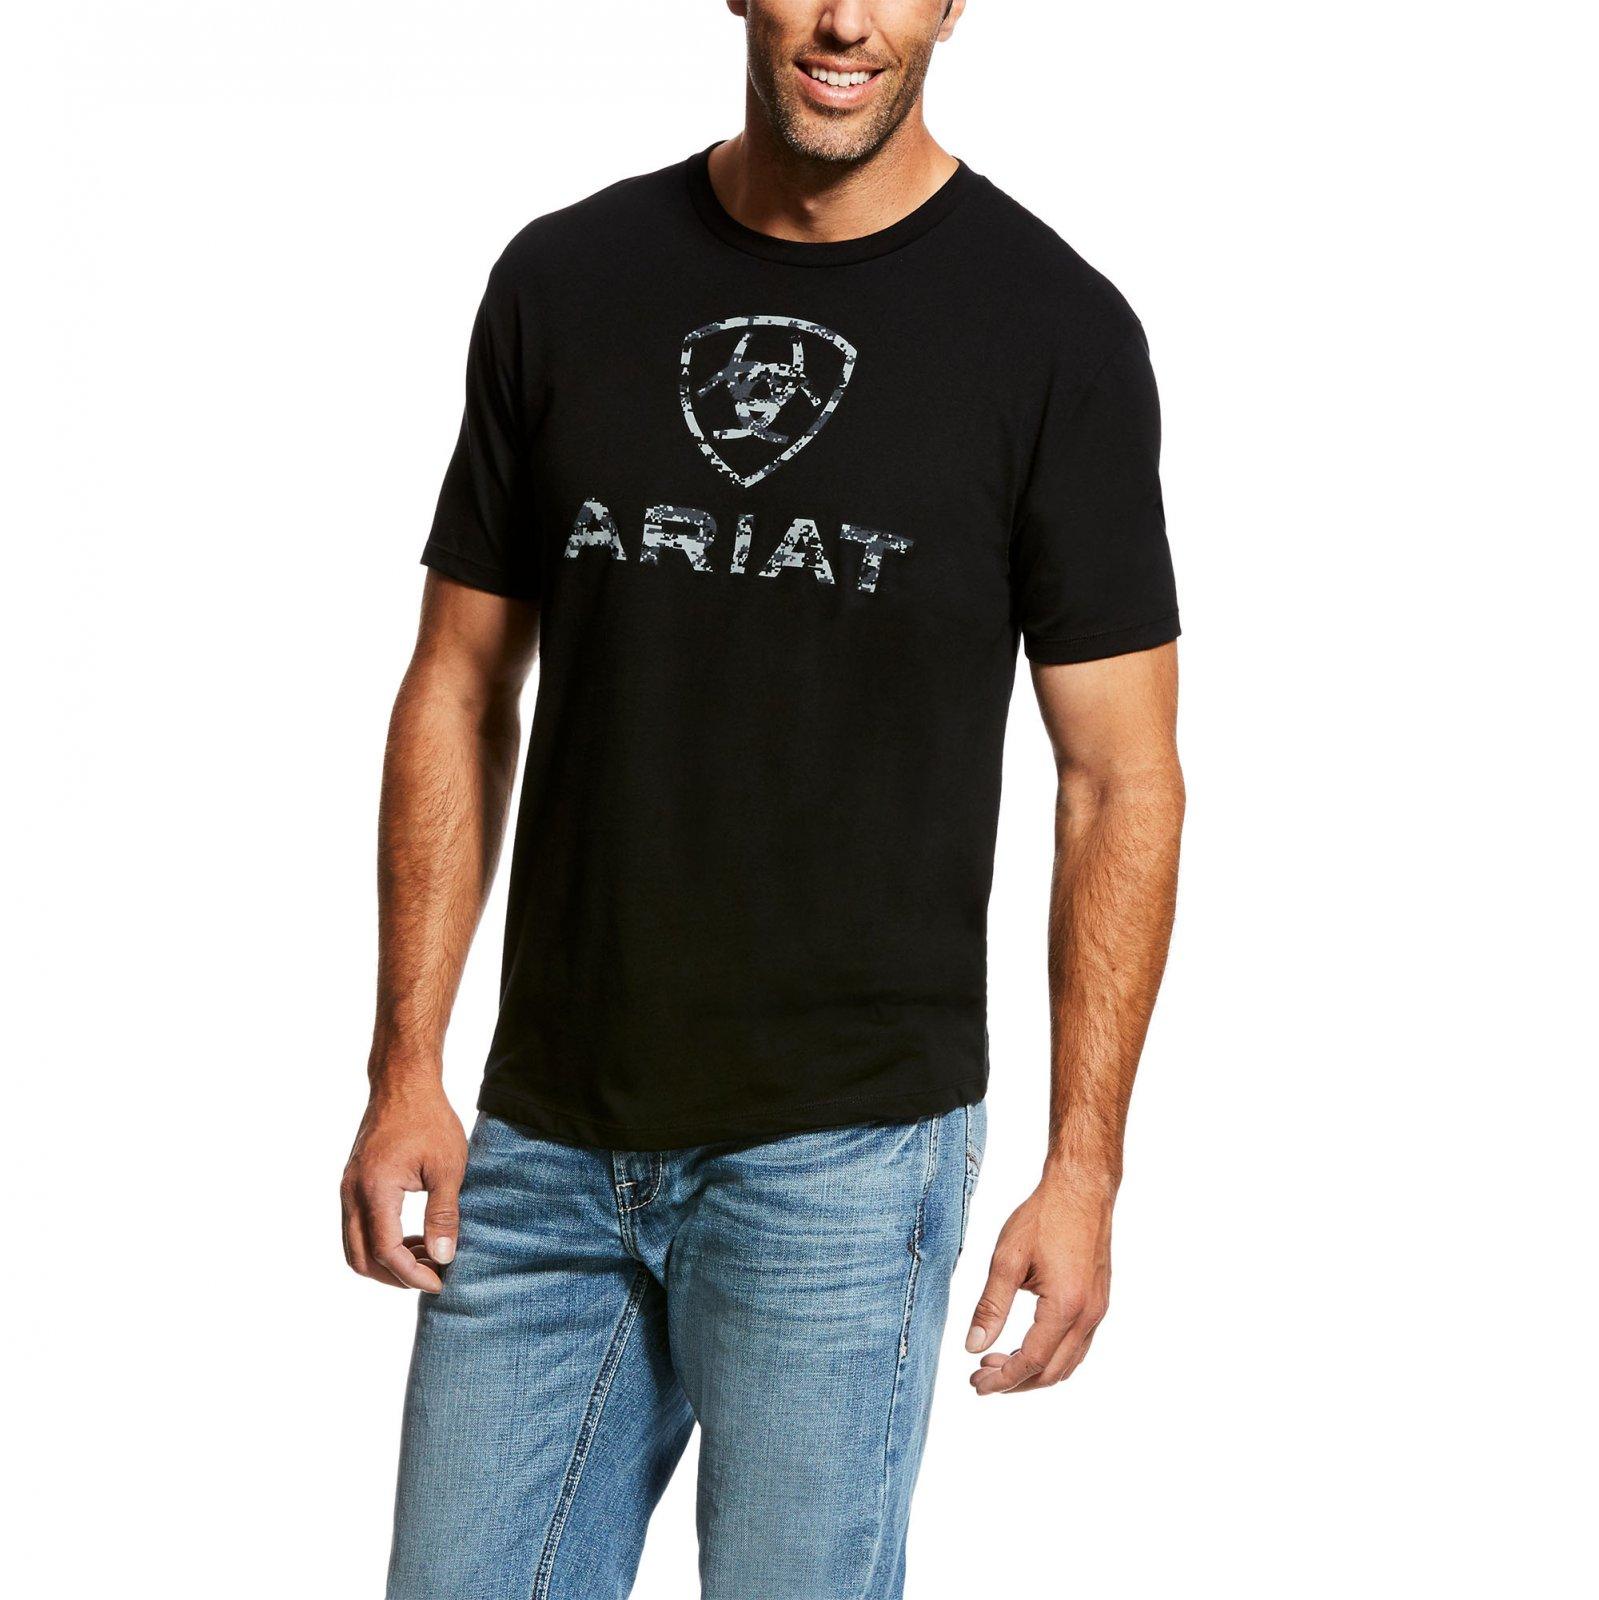 Men's Short Sleeve Liberty T-Shirt from Ariat